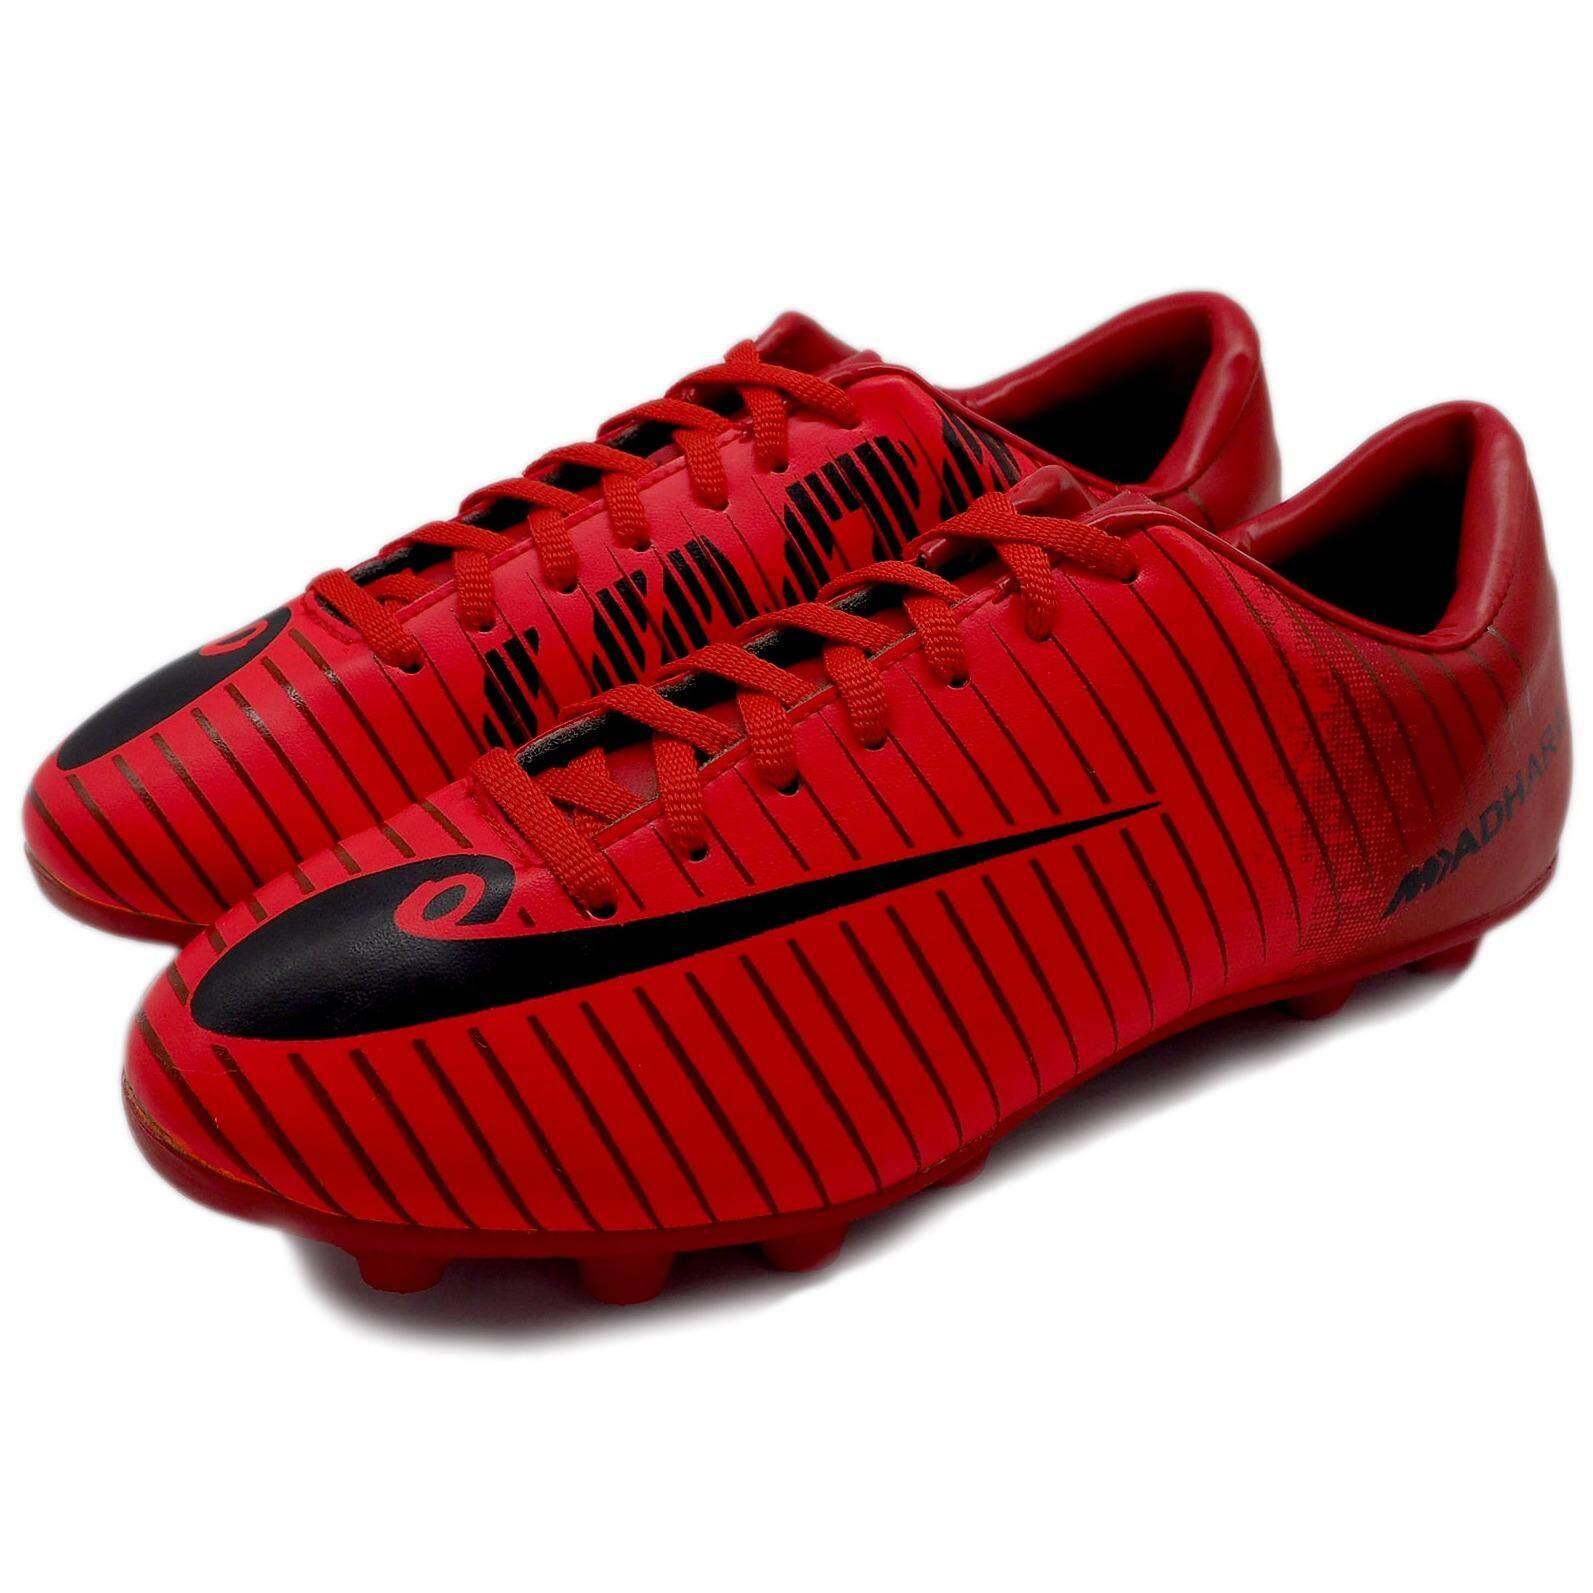 ราคา Hara Sports รองเท้าฟุตบอล รุ่น F96 สีแดง กรุงเทพมหานคร